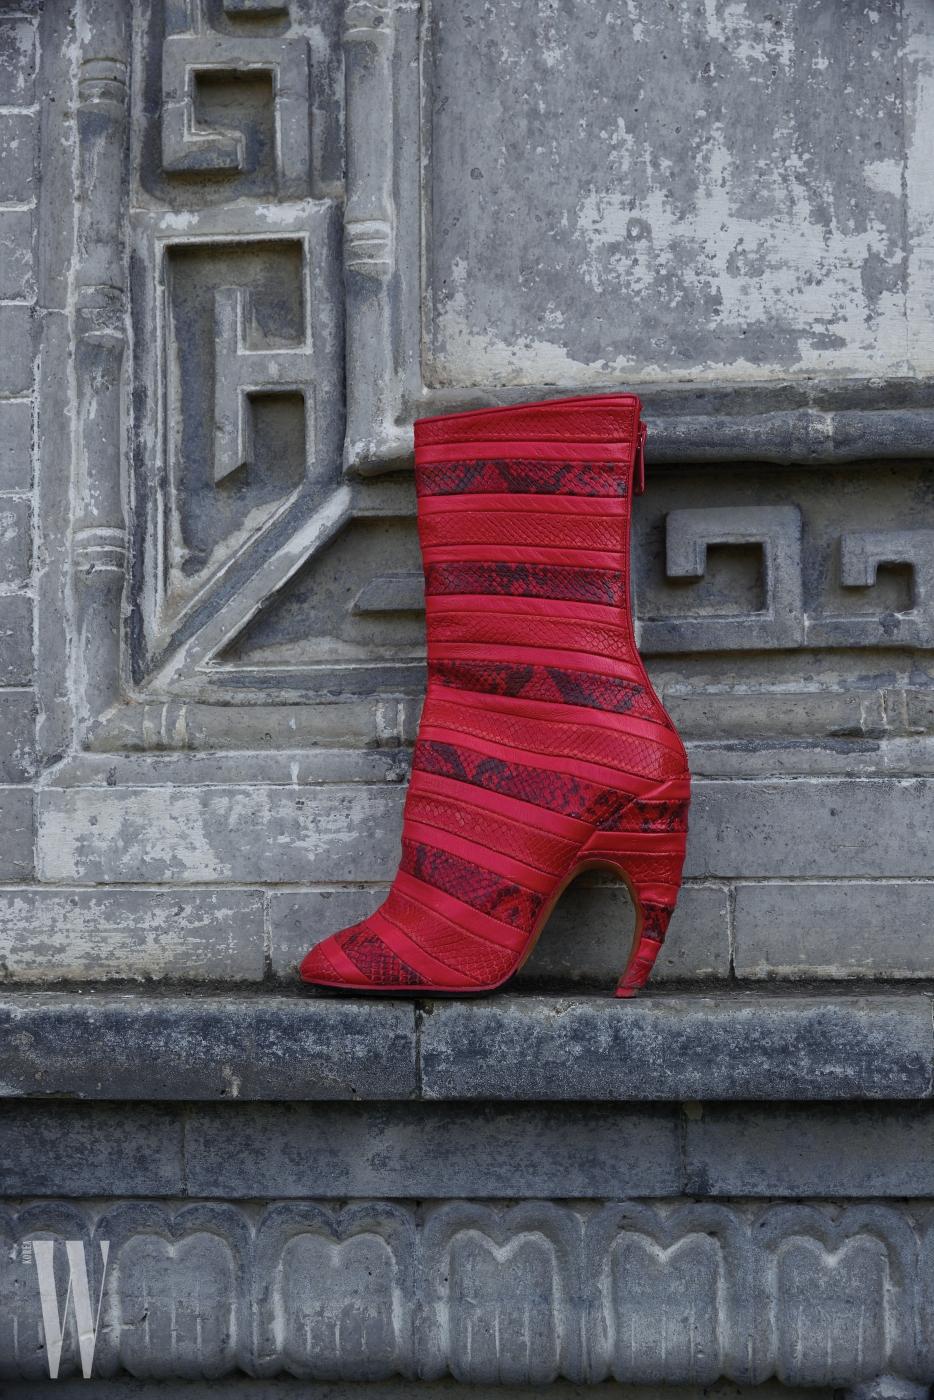 강렬한 붉은색의 이그조틱 가죽 부츠는 지방시 제품. 가격 미정.